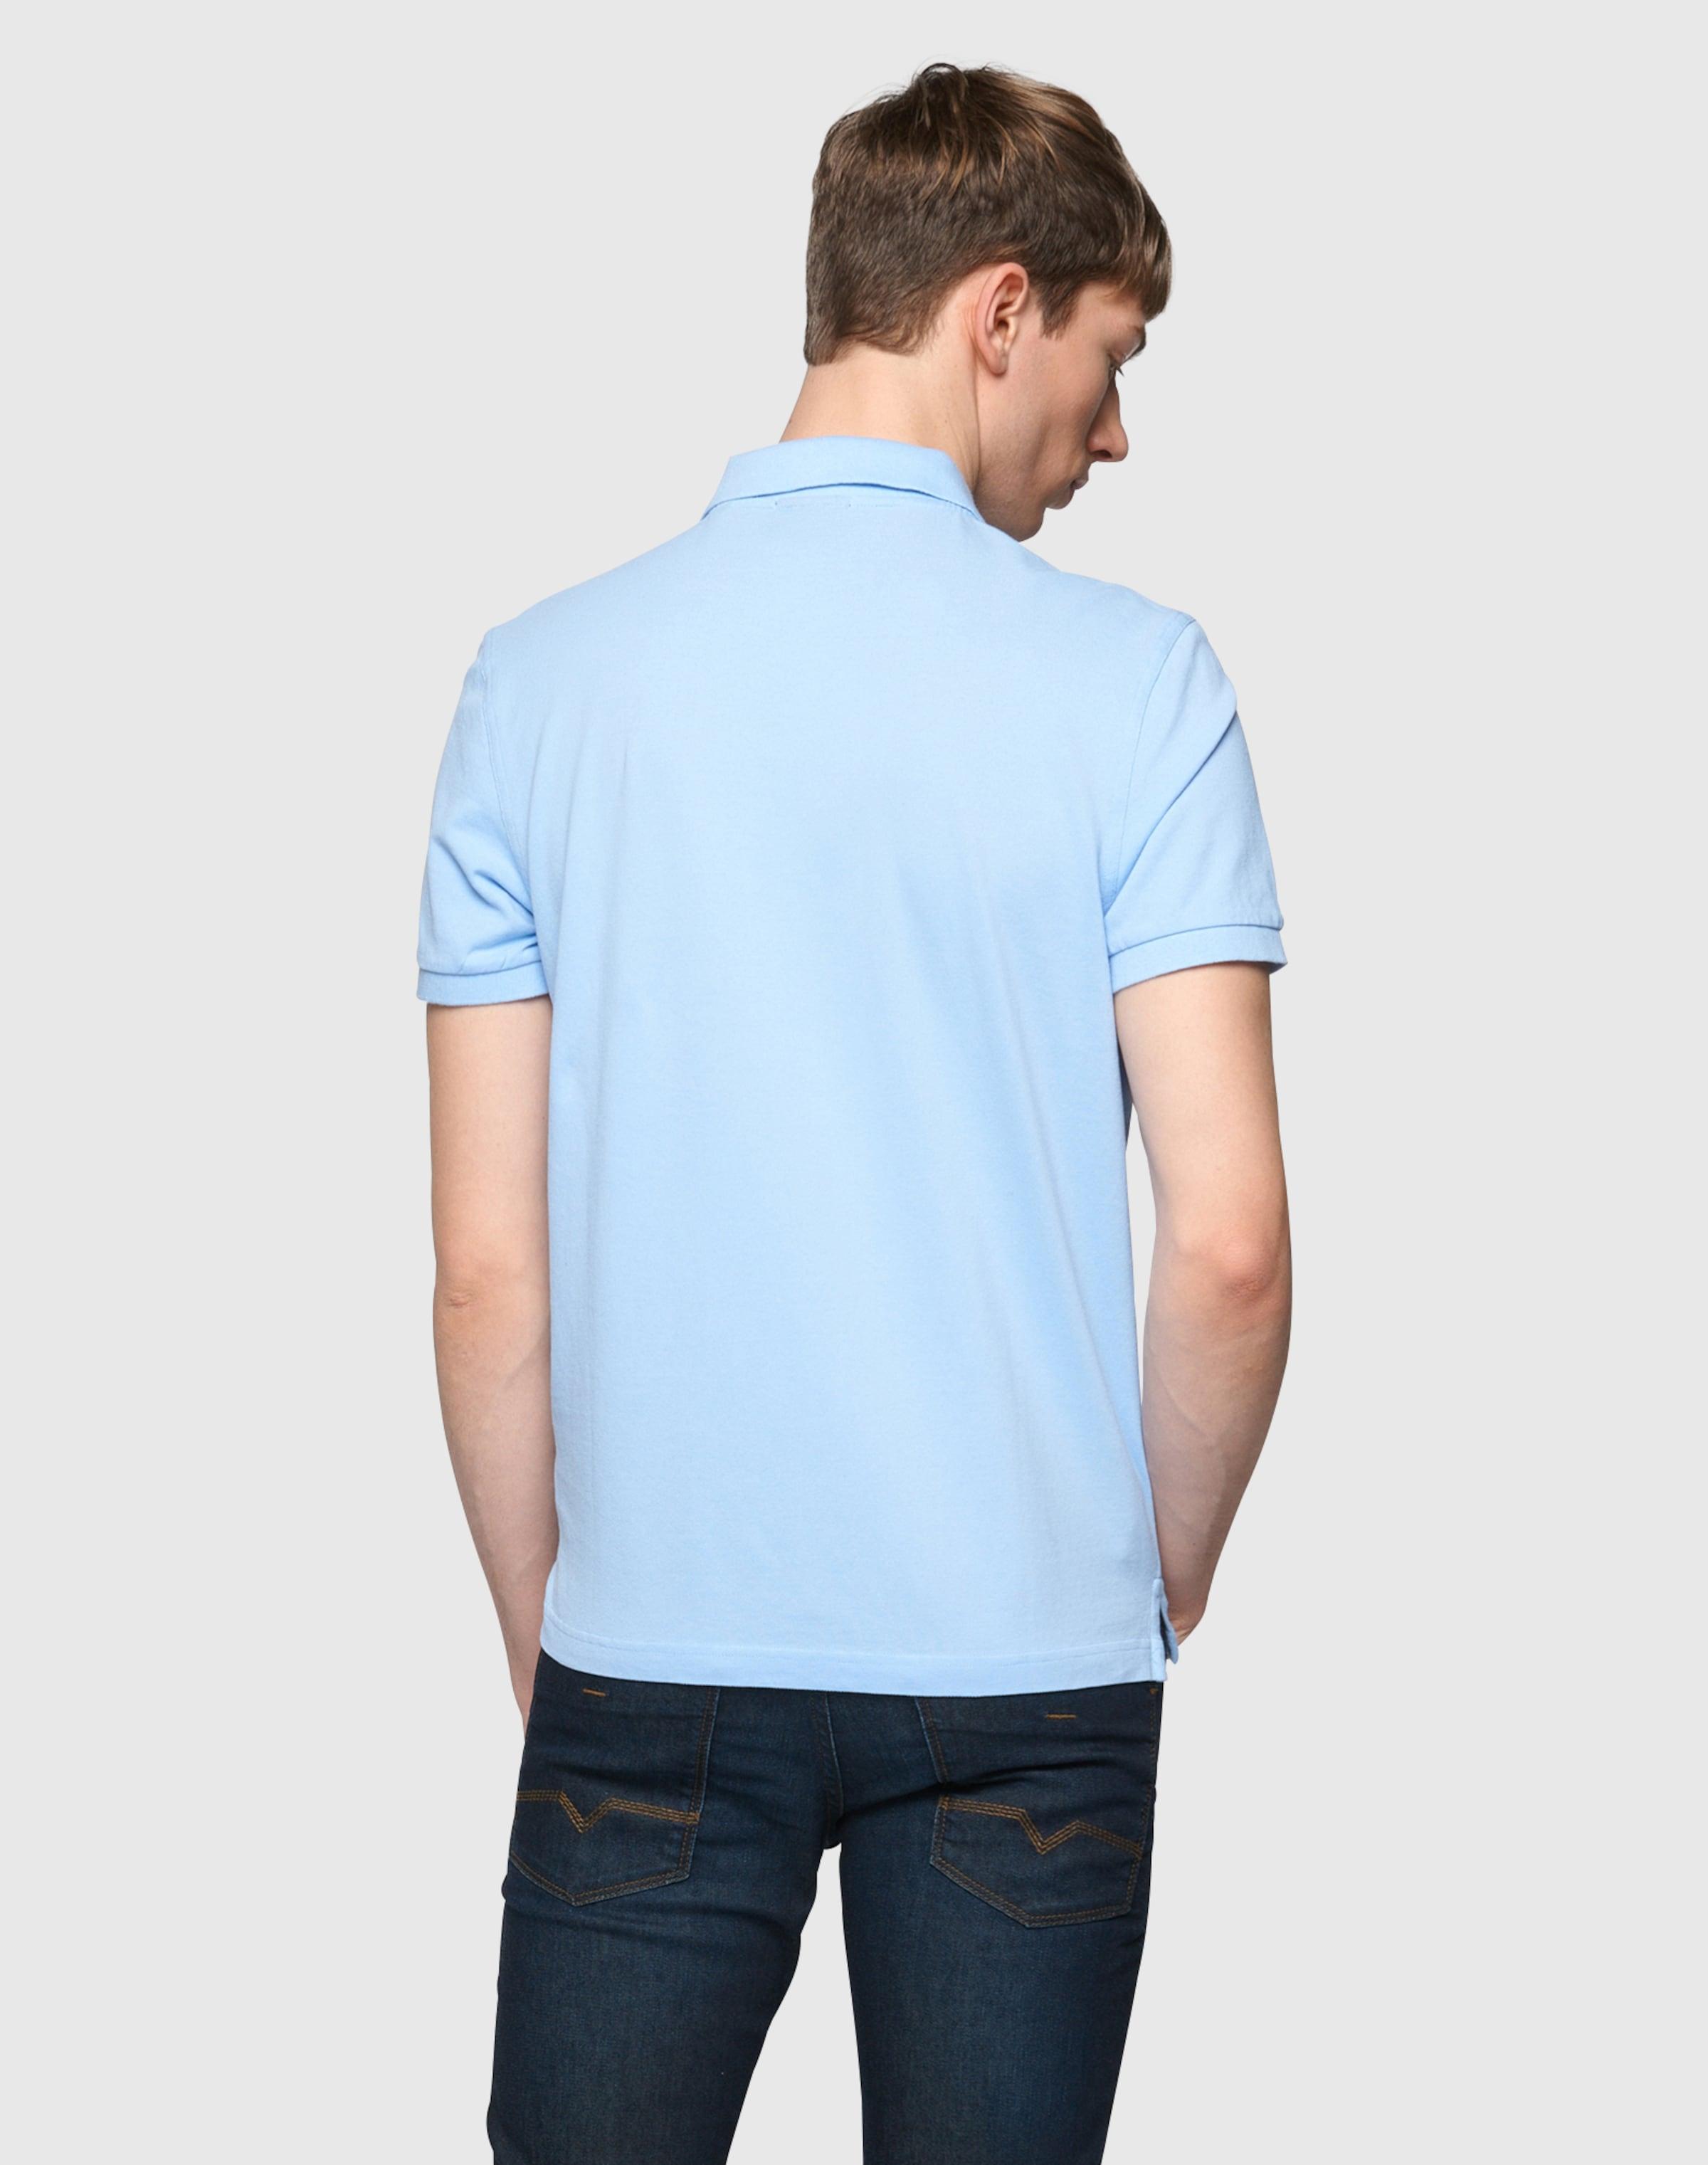 Shirt GANT Polo 'Original GANT SS Rugger' Polo Shirt SS 'Original a1pSqYOq